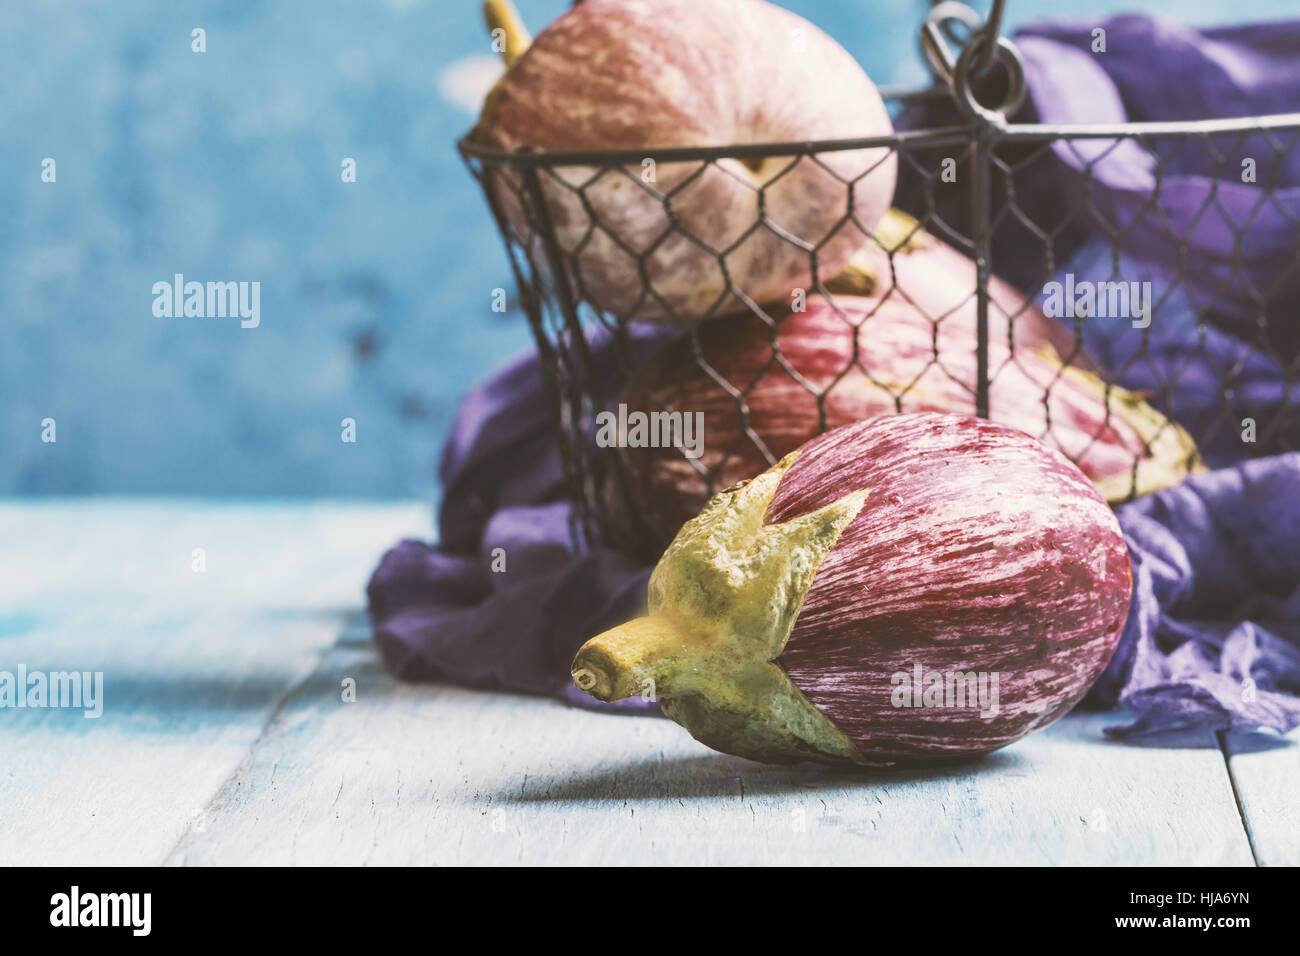 Variétés d'aubergine dans panier métal sur fond bleu. Banque D'Images